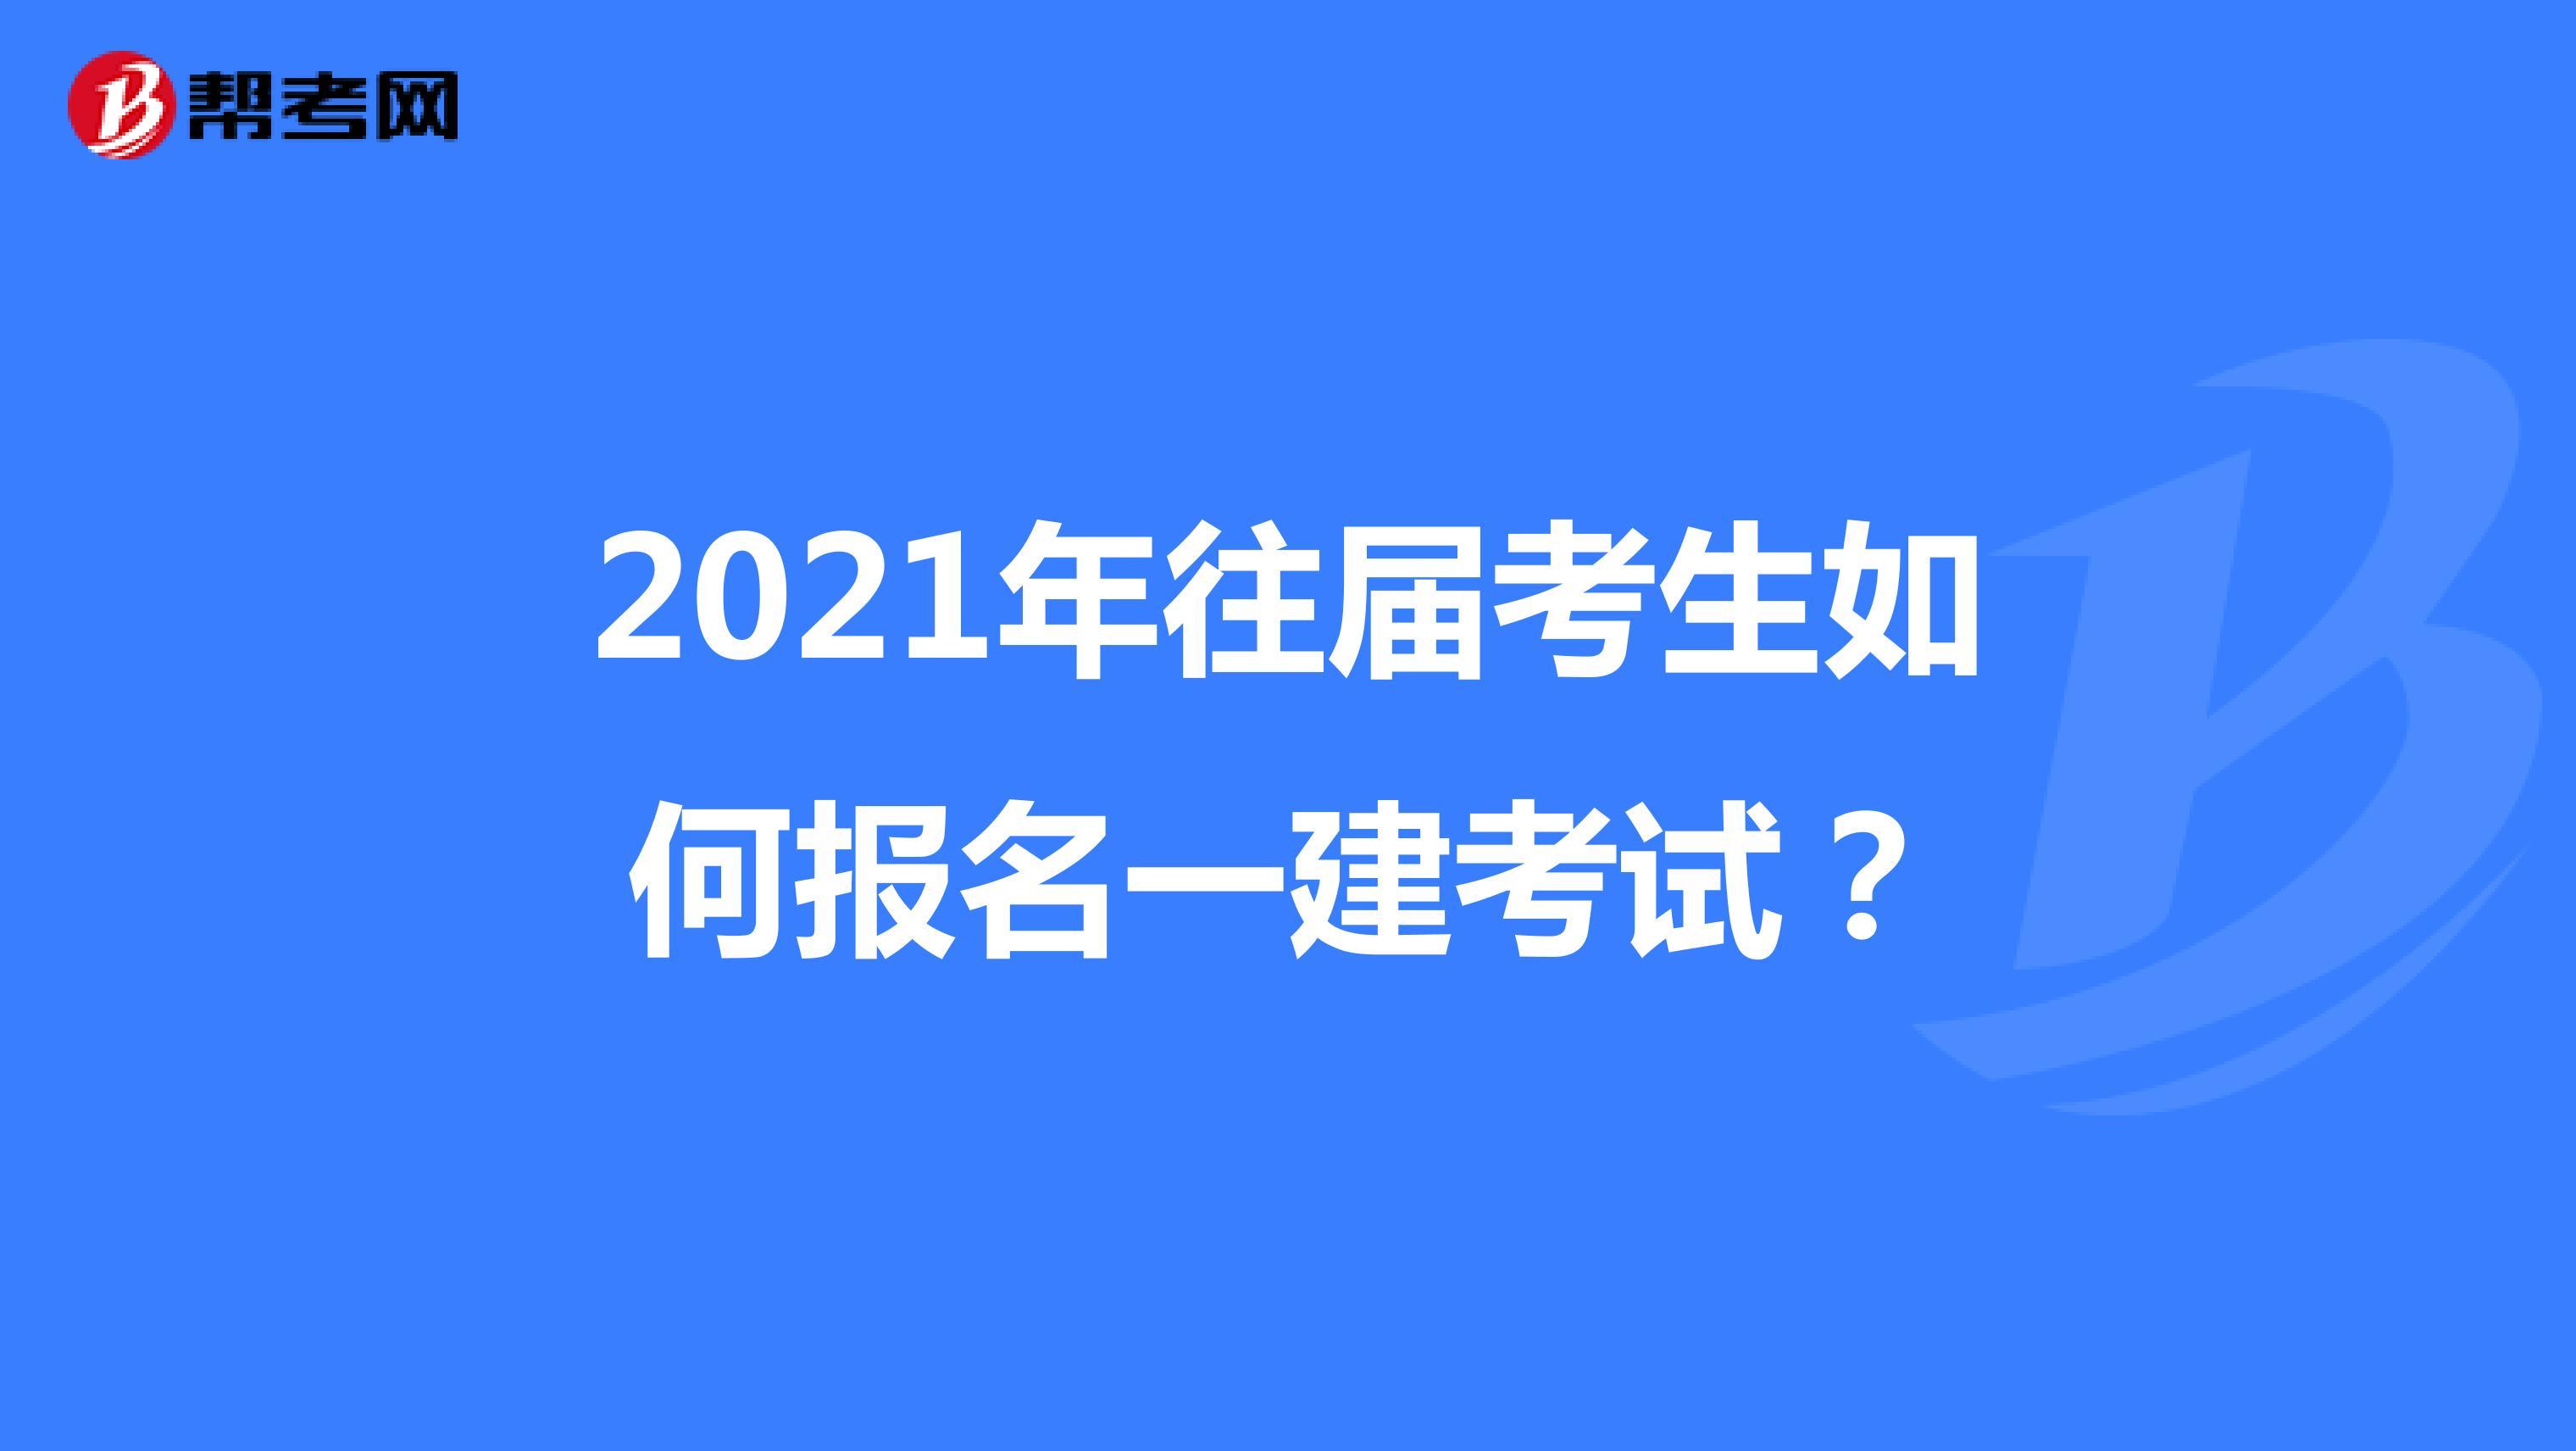 2021年往届考生如何报名一建考试?